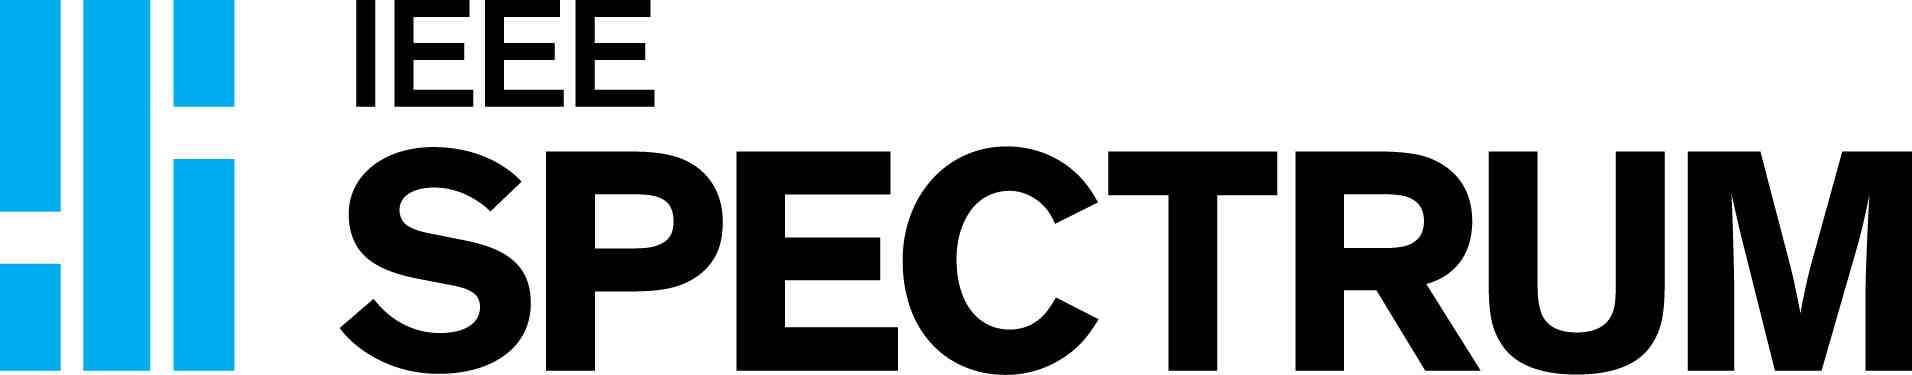 IEEE-Spectrum.jpg